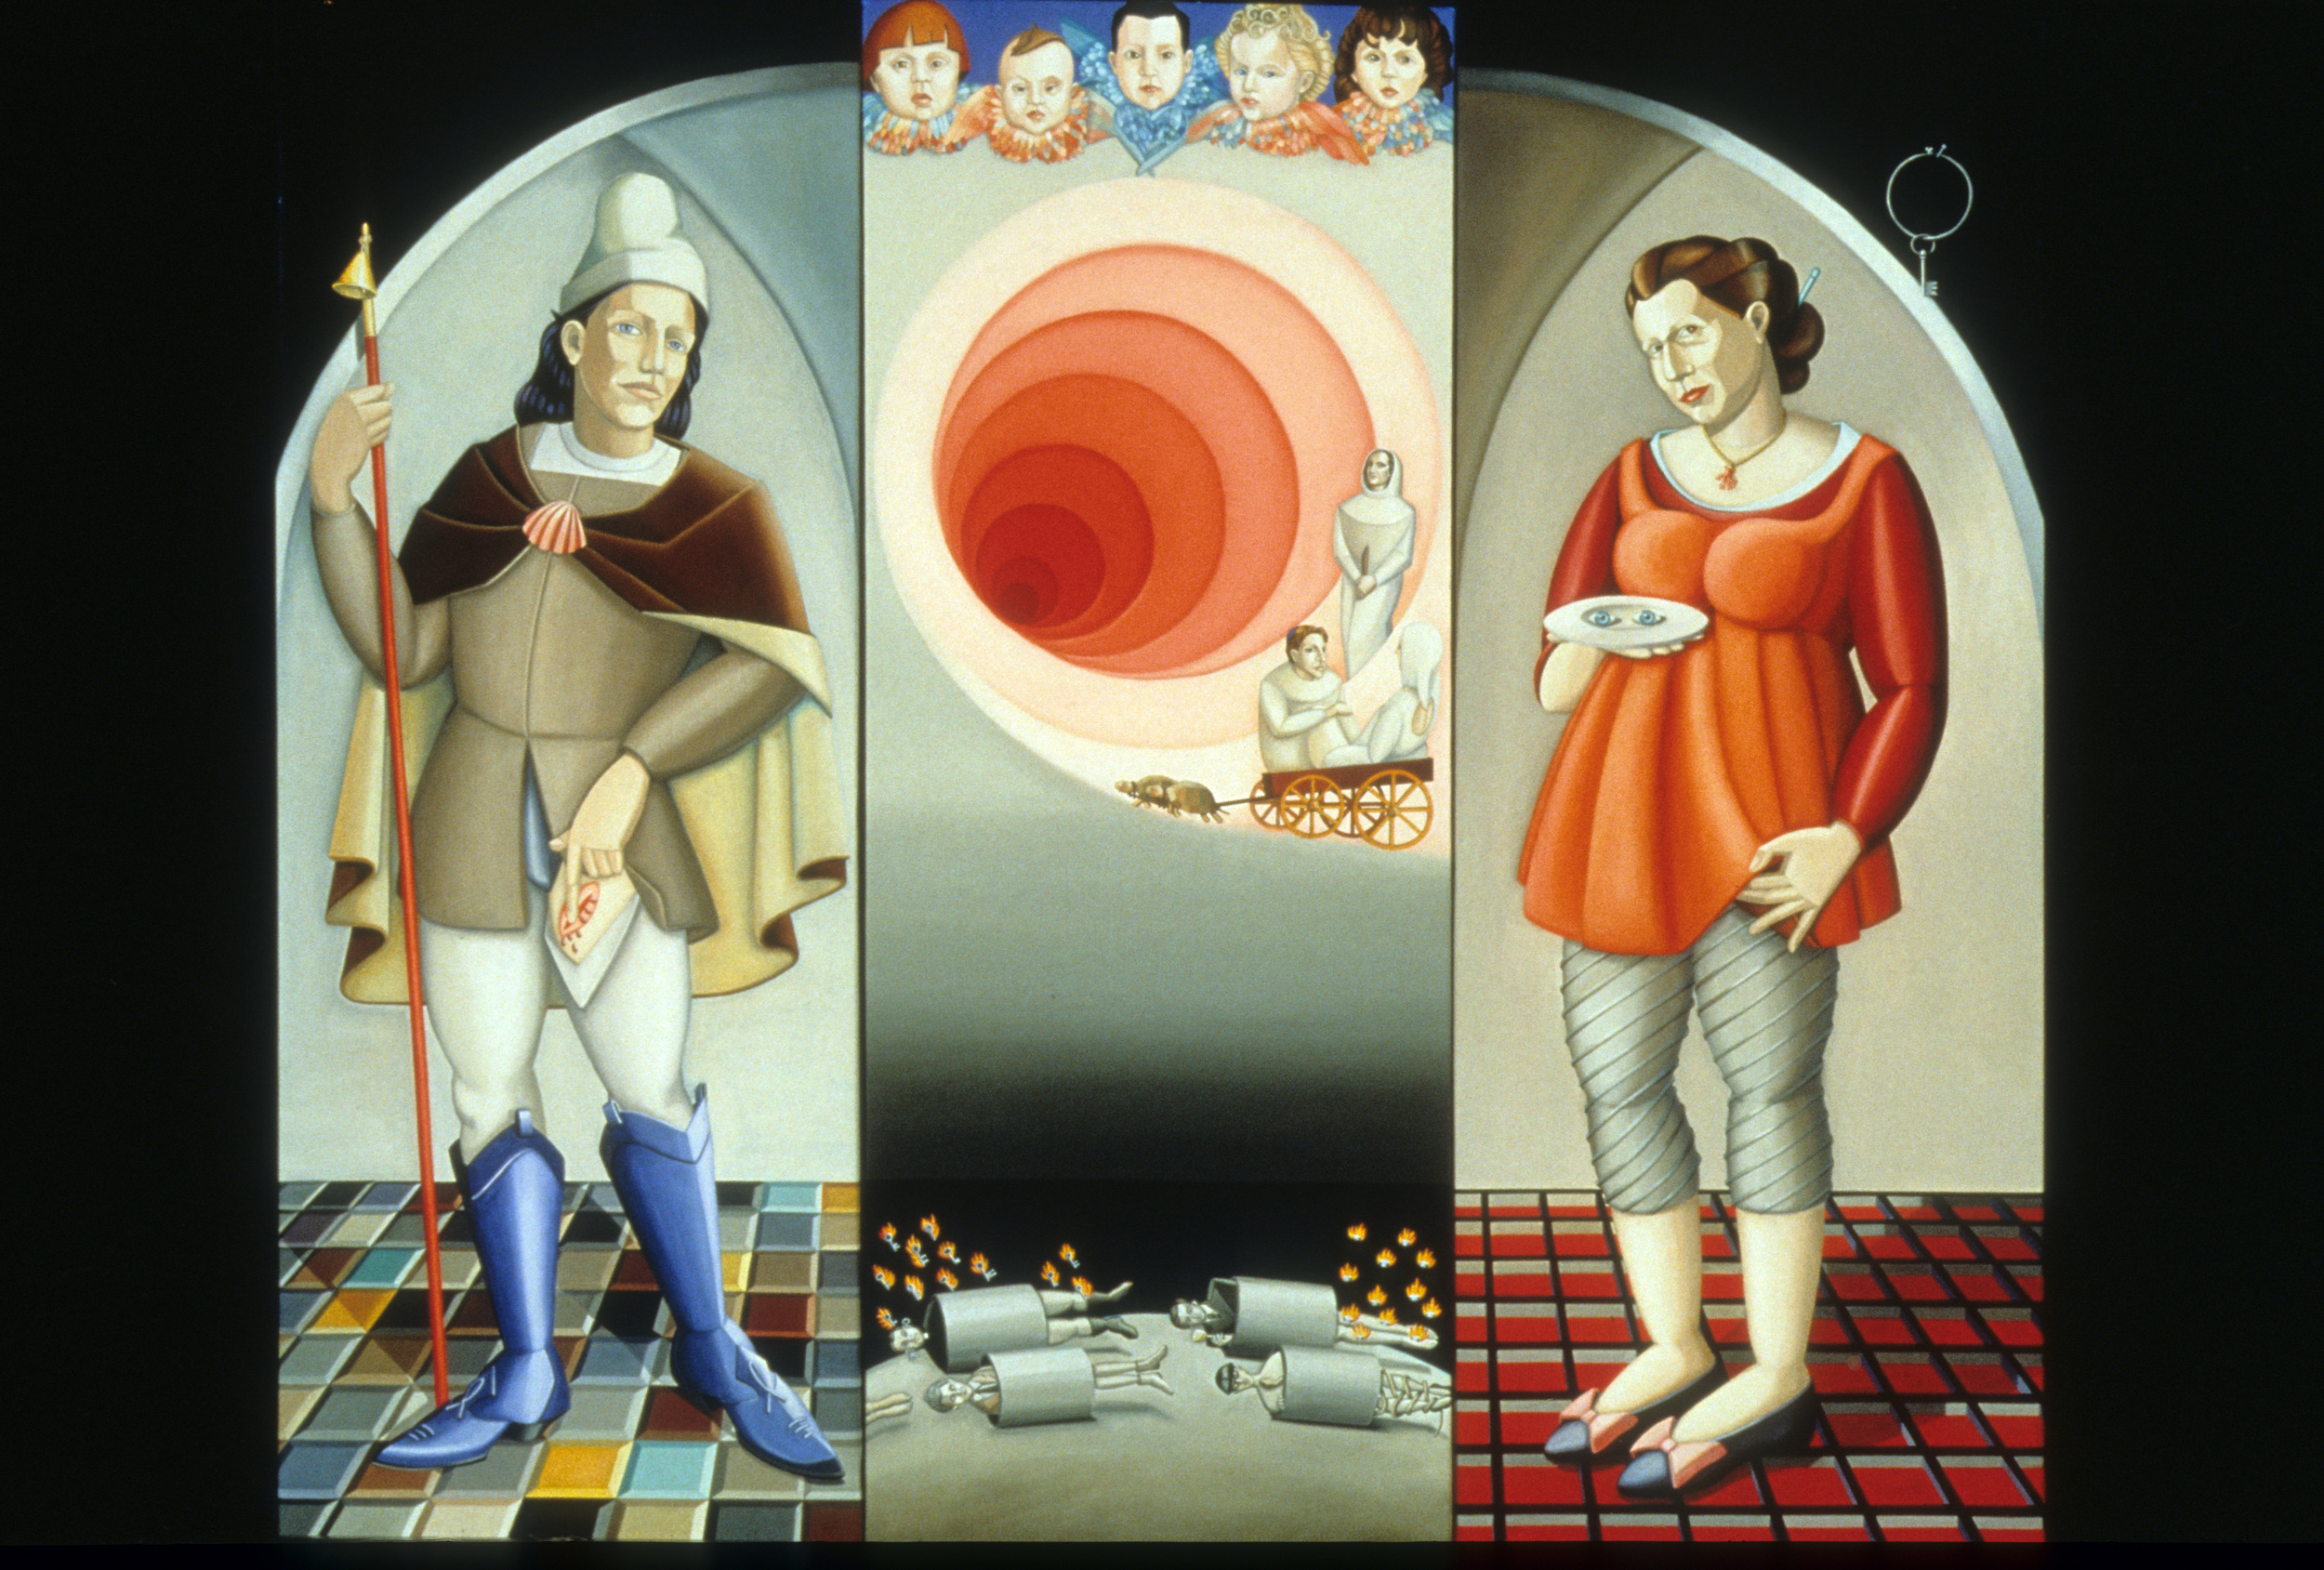 Divertimento with Saints